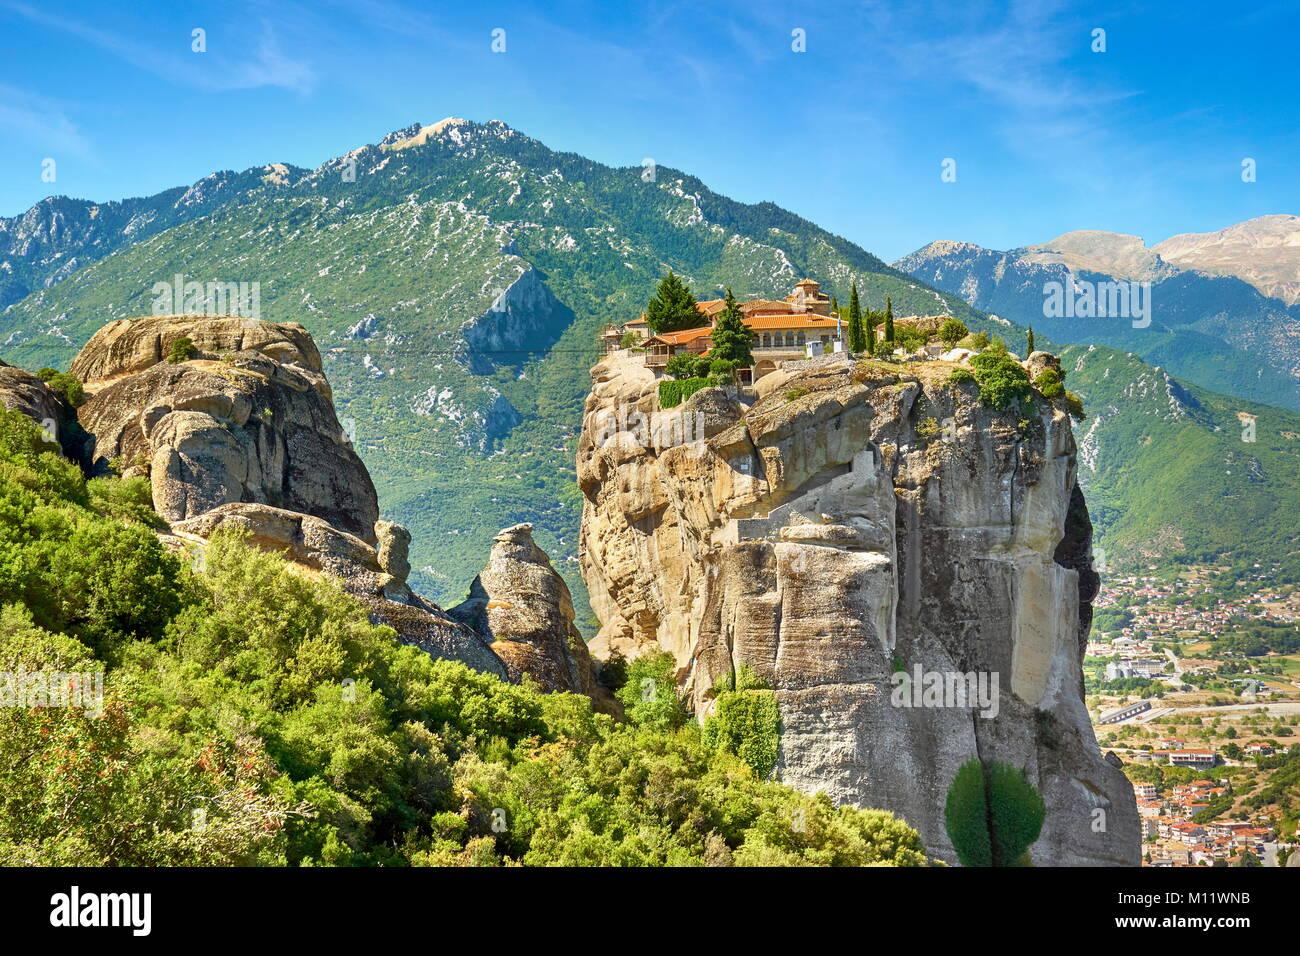 Monasterio de la santísima Trinidad en la región de Meteora, Trikala, Grecia Imagen De Stock